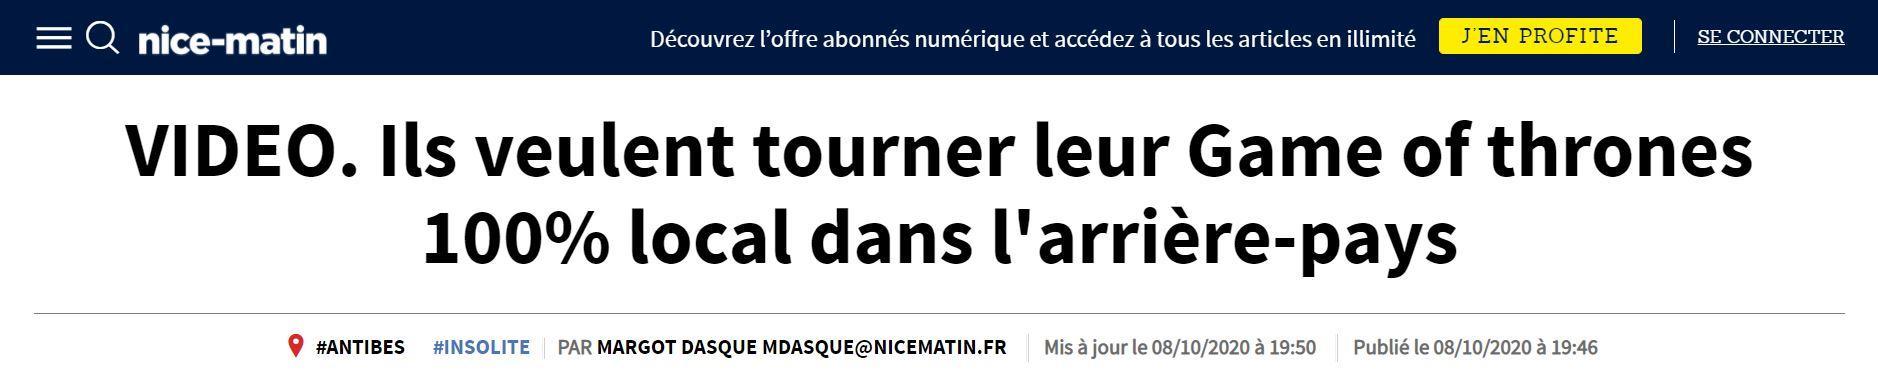 Tournage du games of thrones a la francaise the last incantation stephane lecouturier laurens coralie